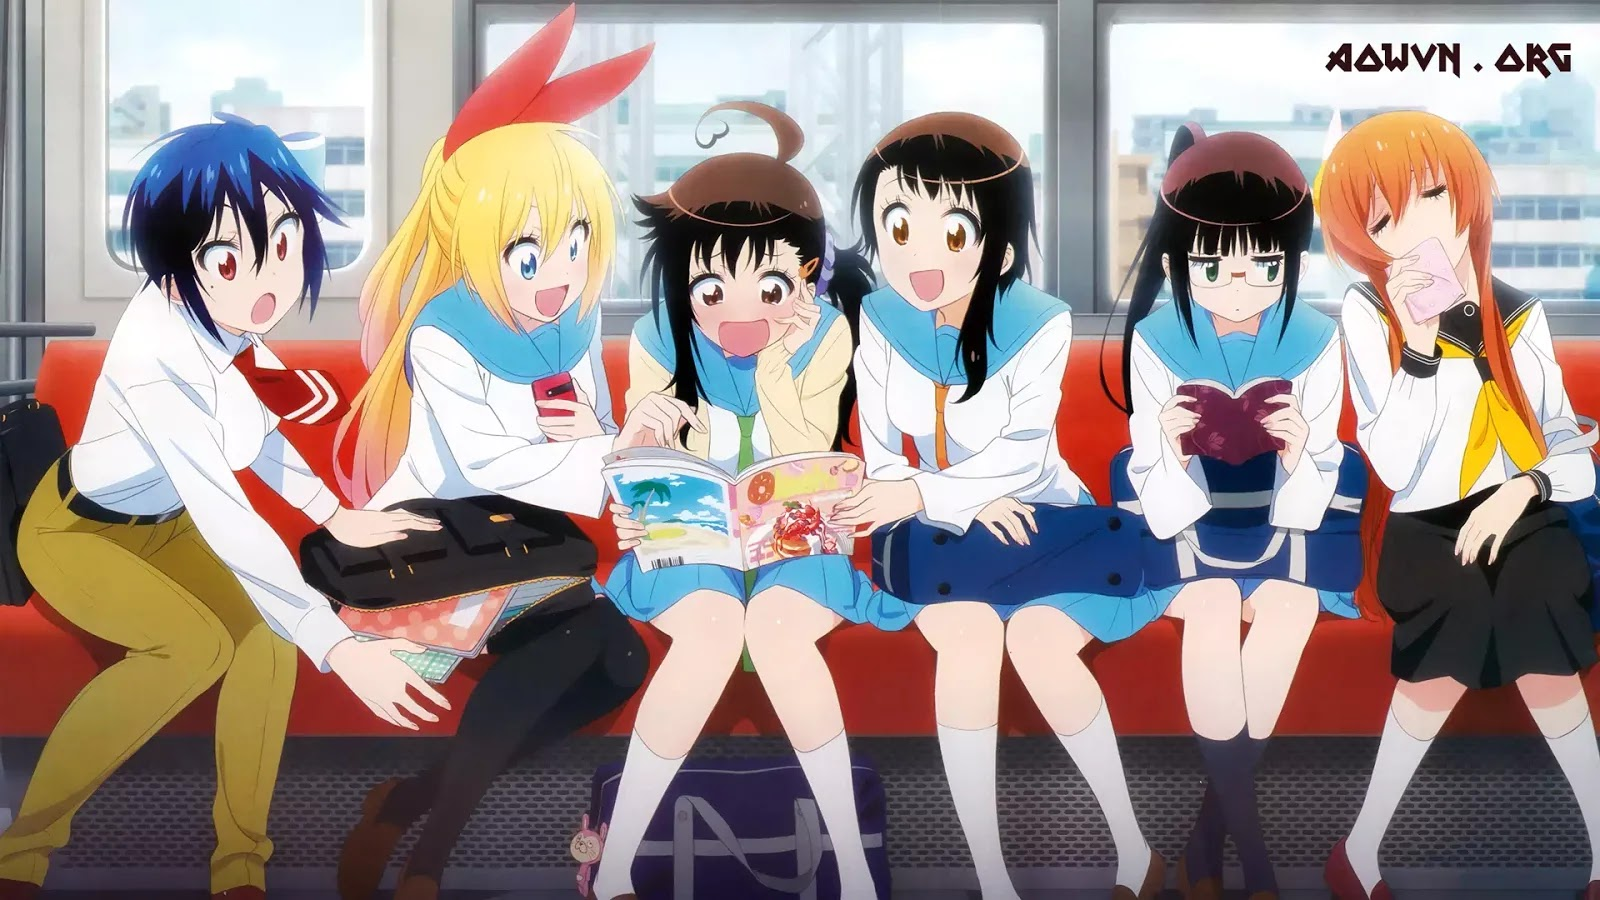 AowVN Nisekoi%2B%25281%2529 - [ Anime 3gp Mp4 ] Nisekoi BD SS1 + SS2 + OVA | Vietsub - Tình Cảm Hài Hước Cực Hay